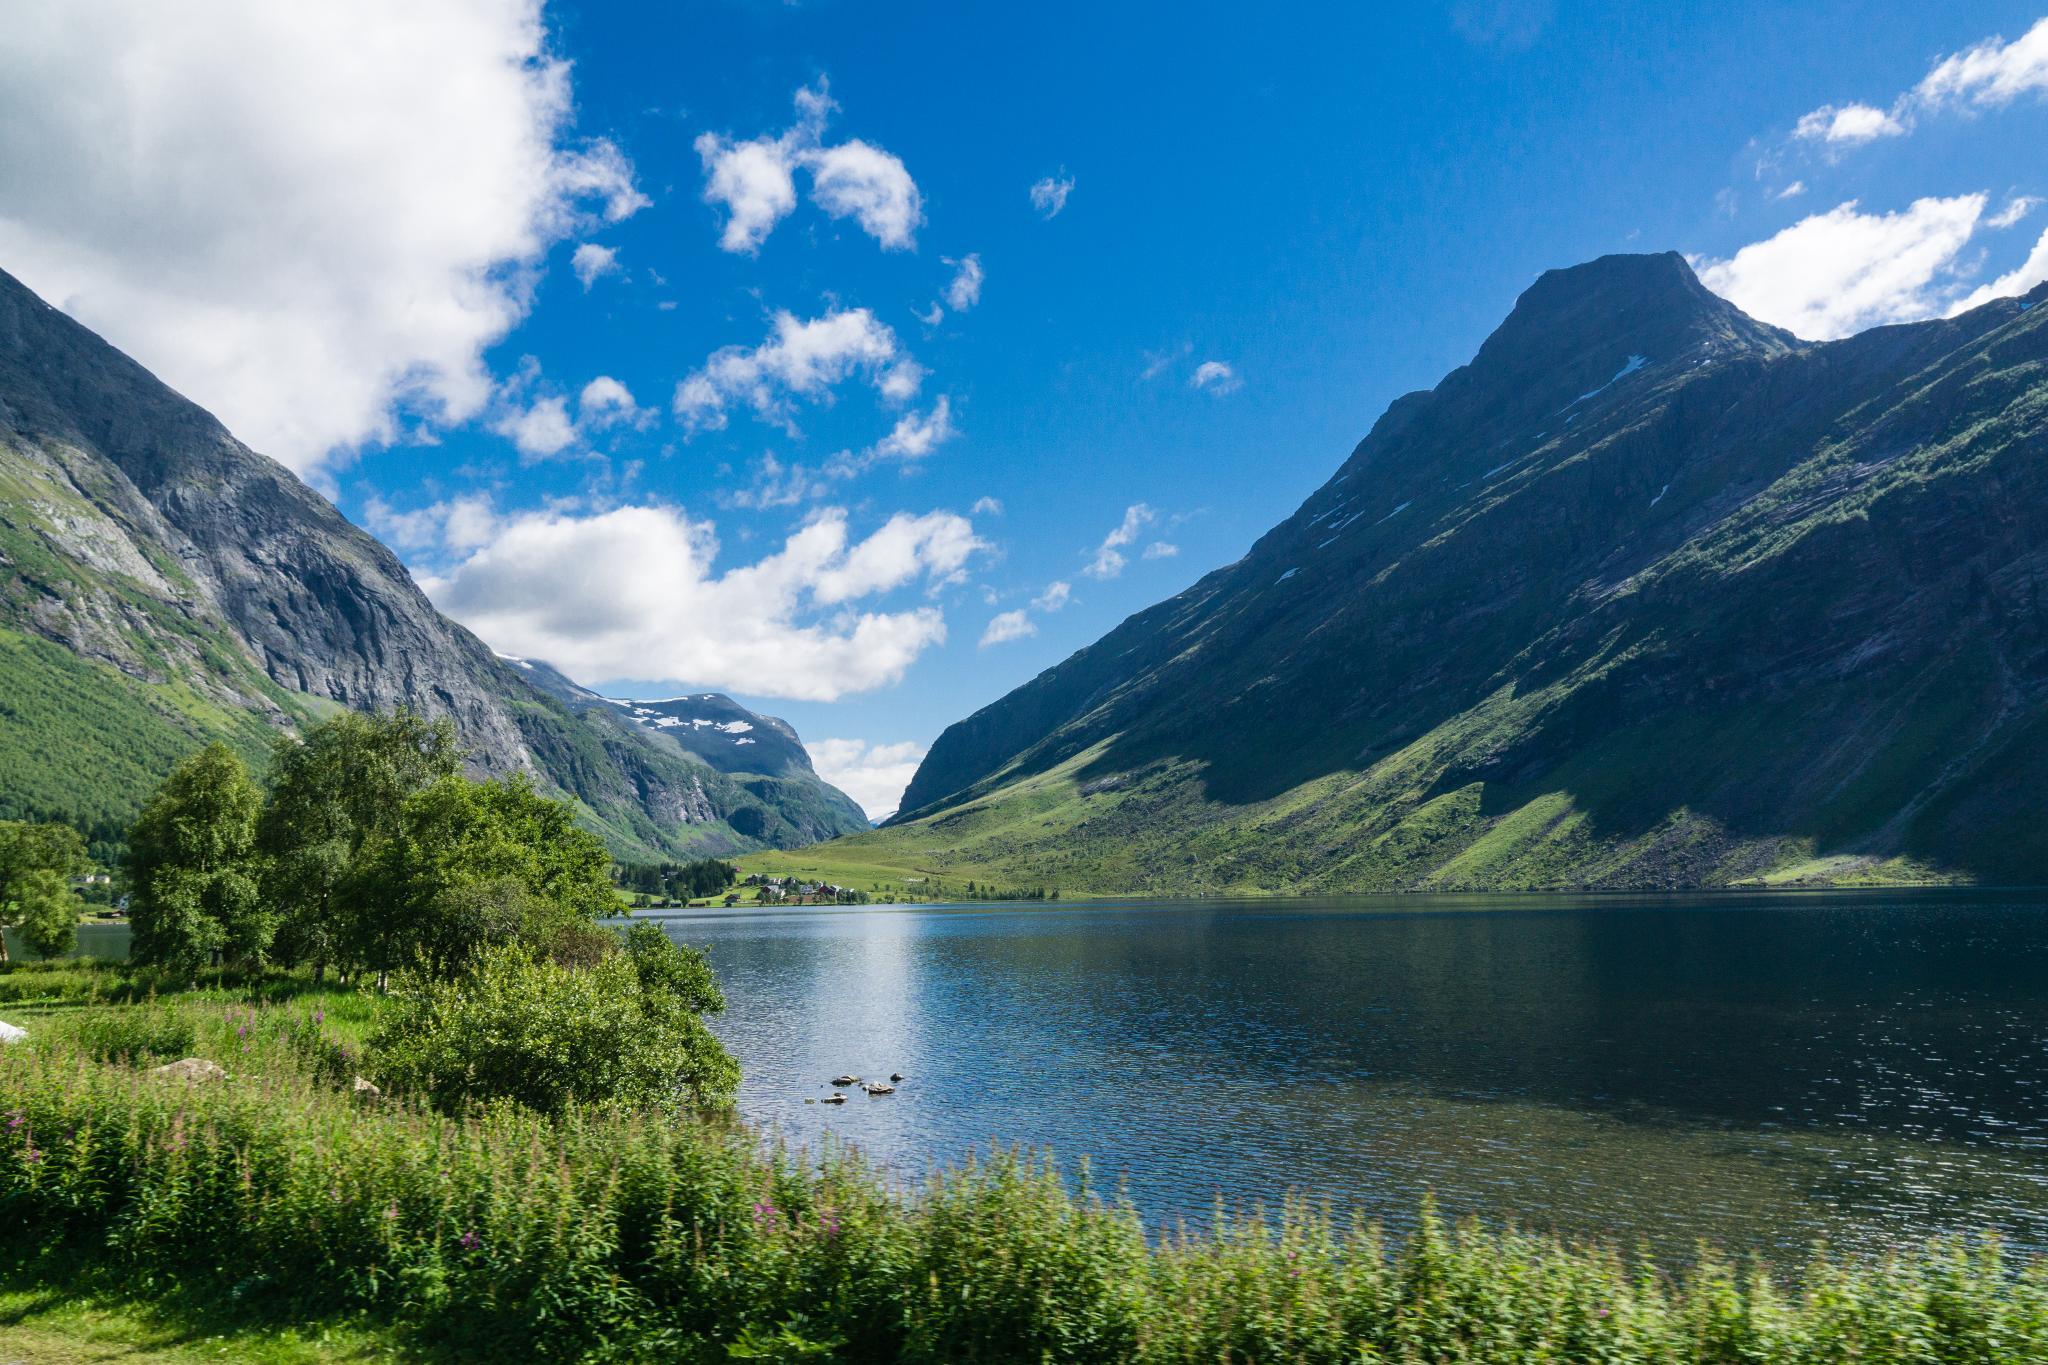 【北歐景點】Ørnesvingen 老鷹之路 ∣ 挪威世界遺產 — 蓋倫格峽灣景點總整理 5